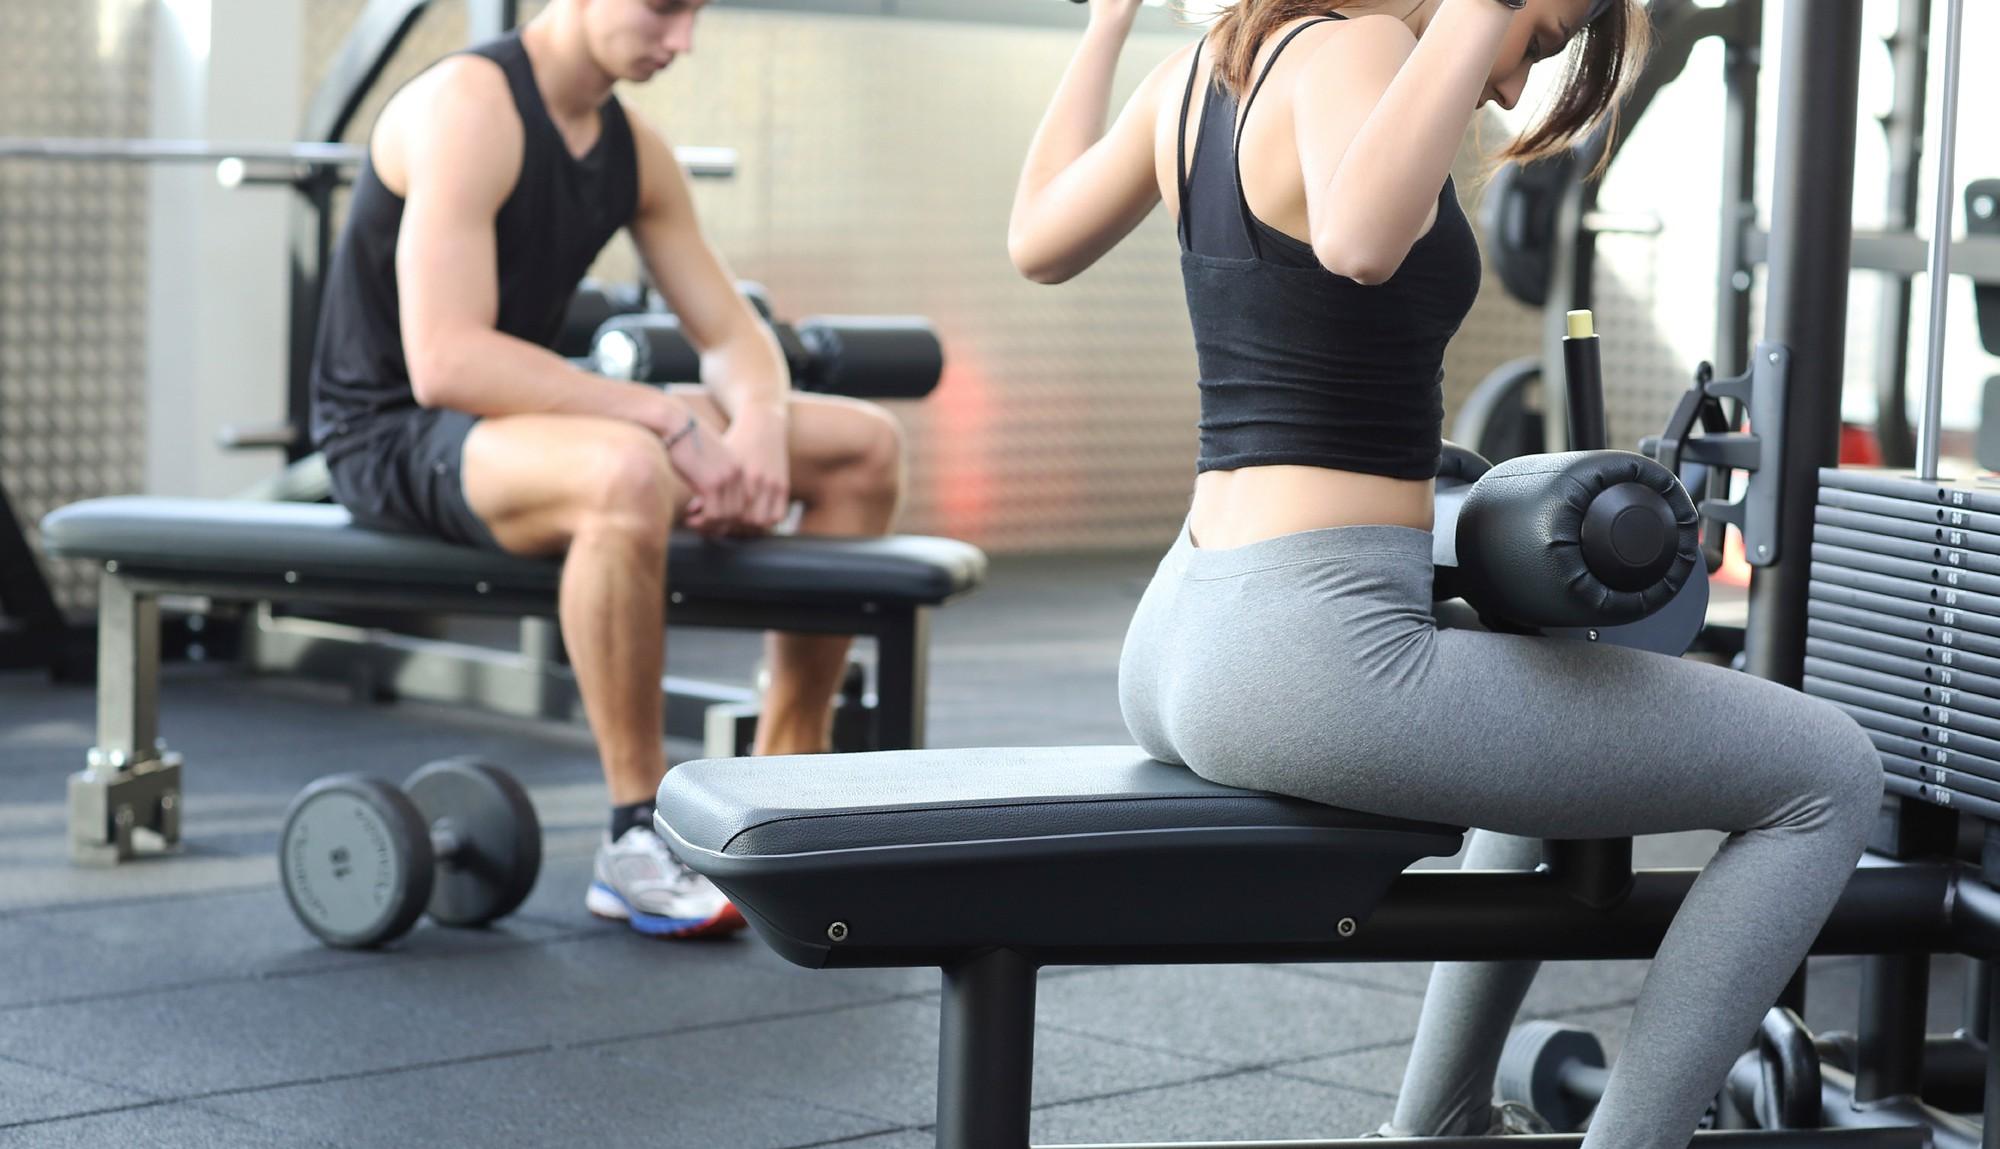 Cần bỏ ngay thói quen tập gym quá sức: đã không hiệu quả lại còn gây hại sức khỏe - Ảnh 2.